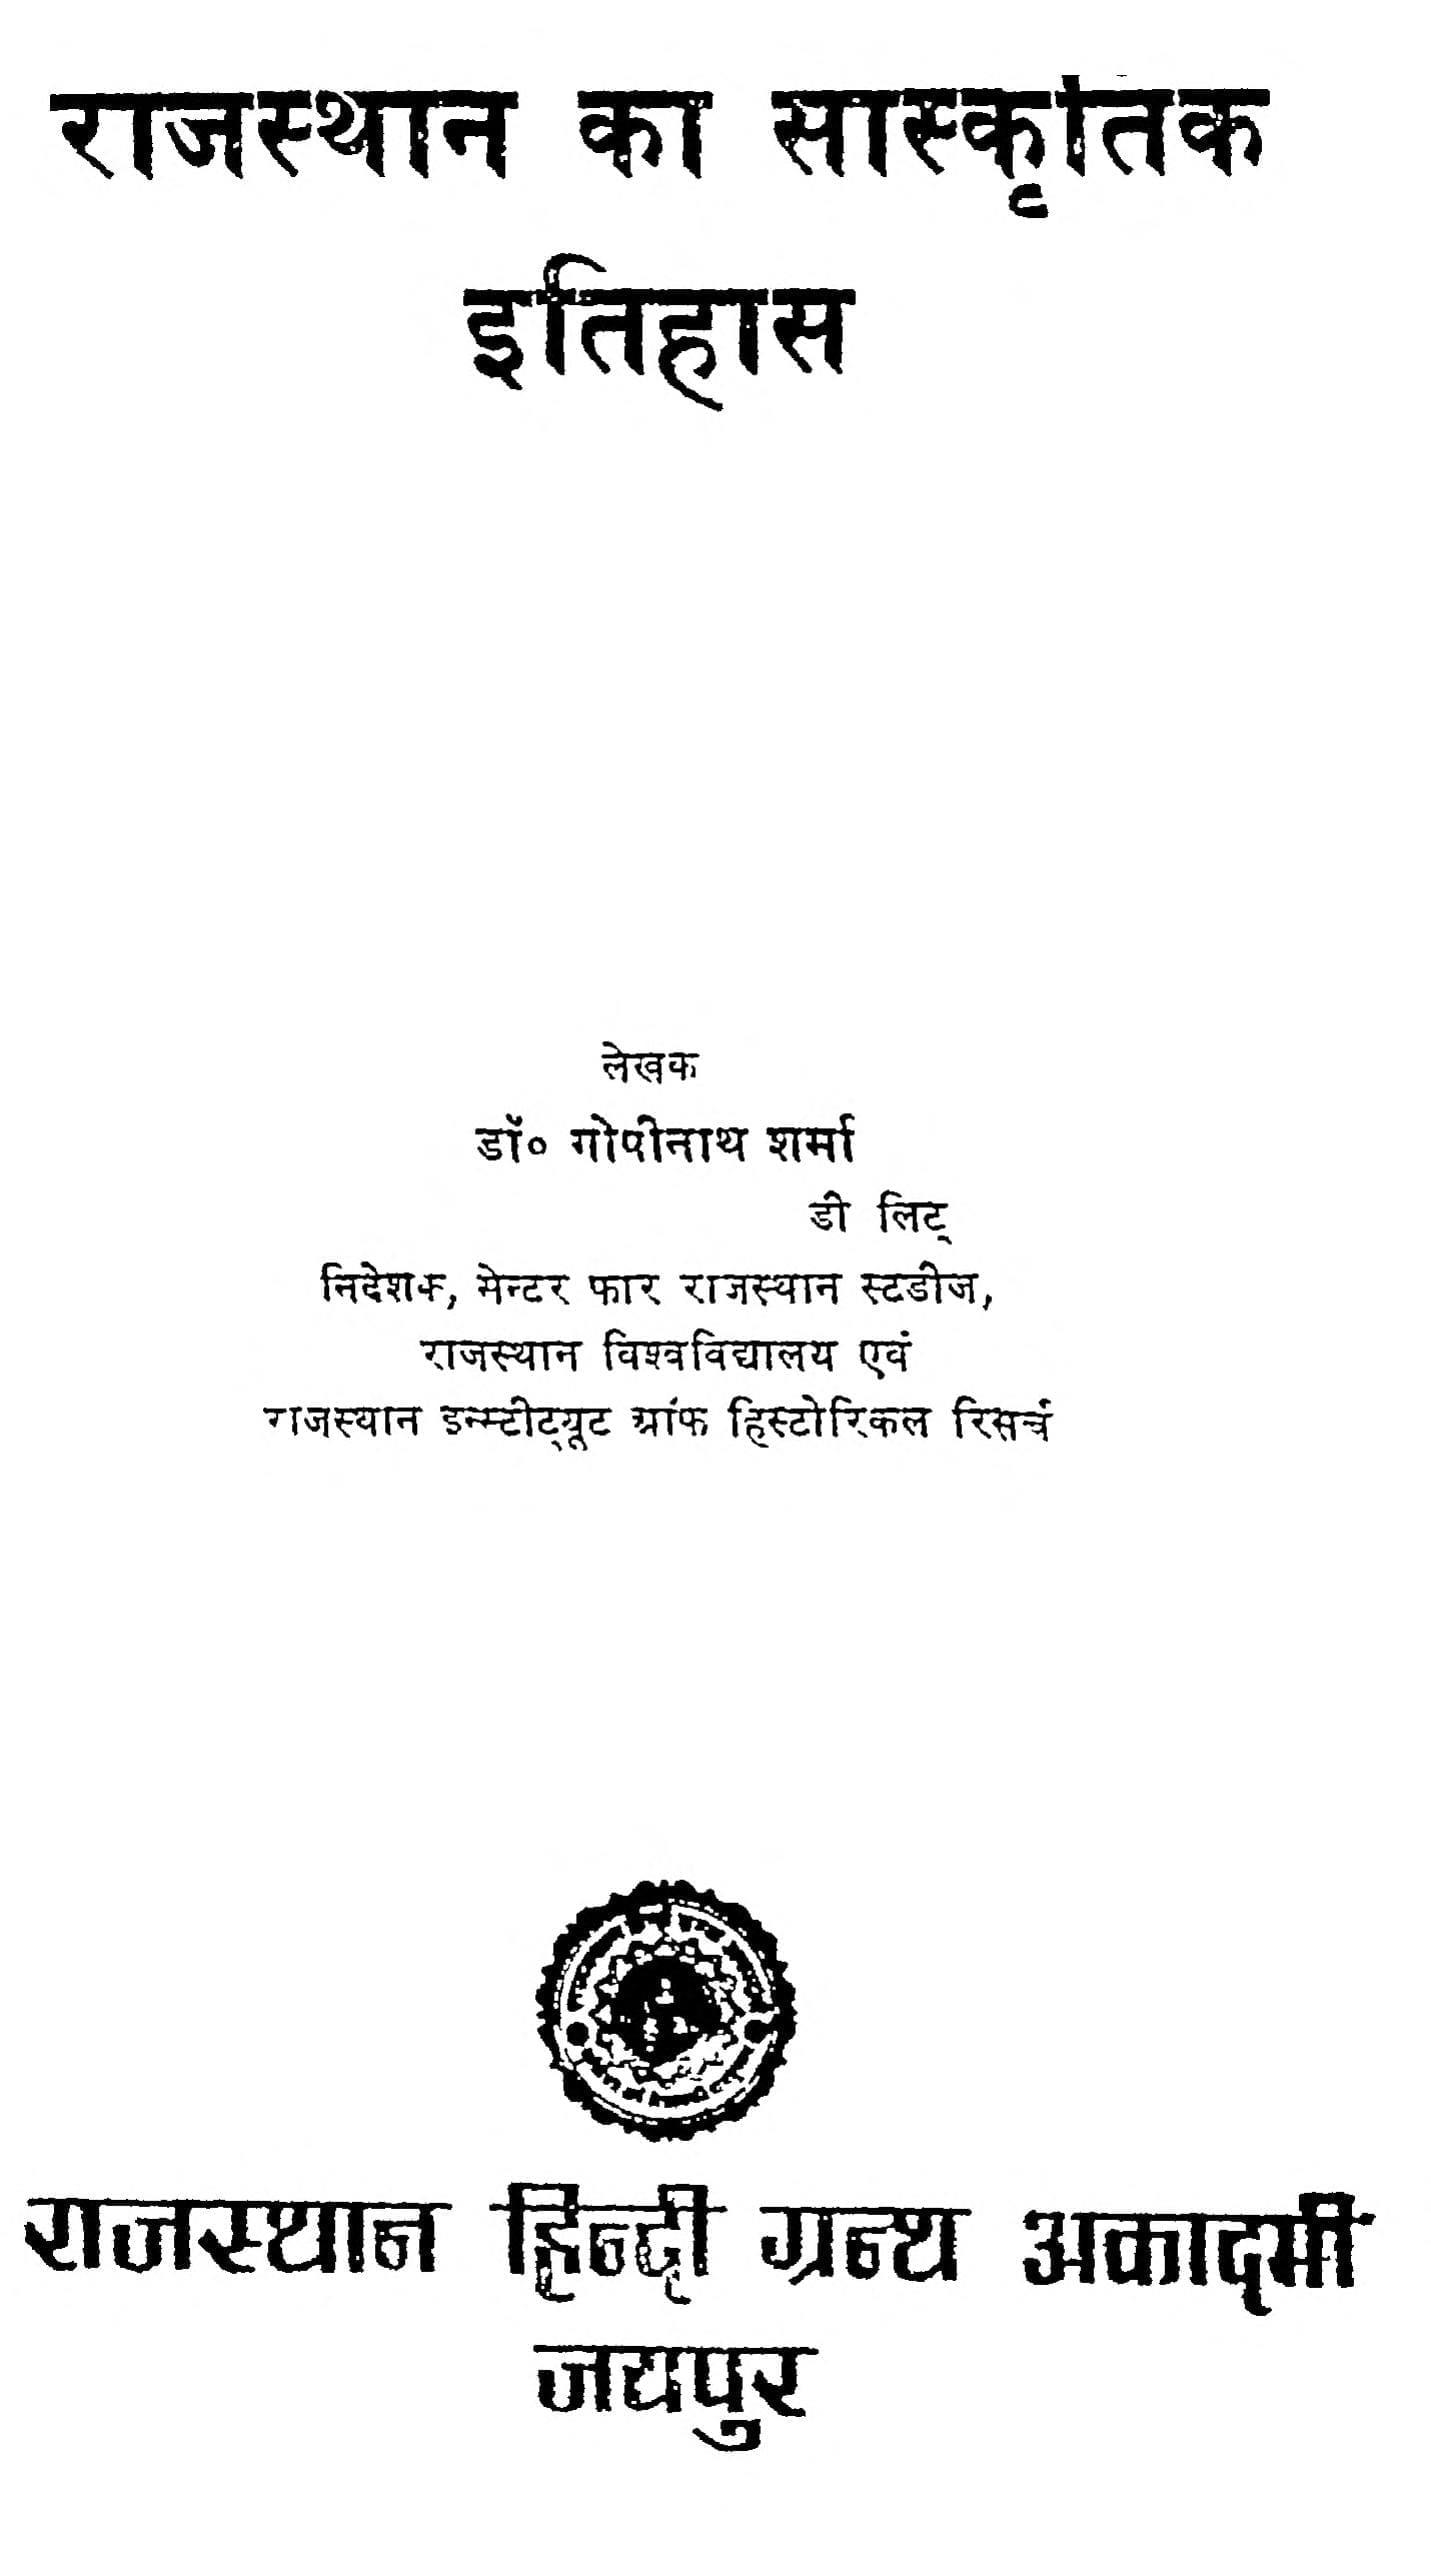 Book Image : राजस्थान का सांस्कृतिक इतिहास  - Rajasthan Ka Sanskratik Itihas